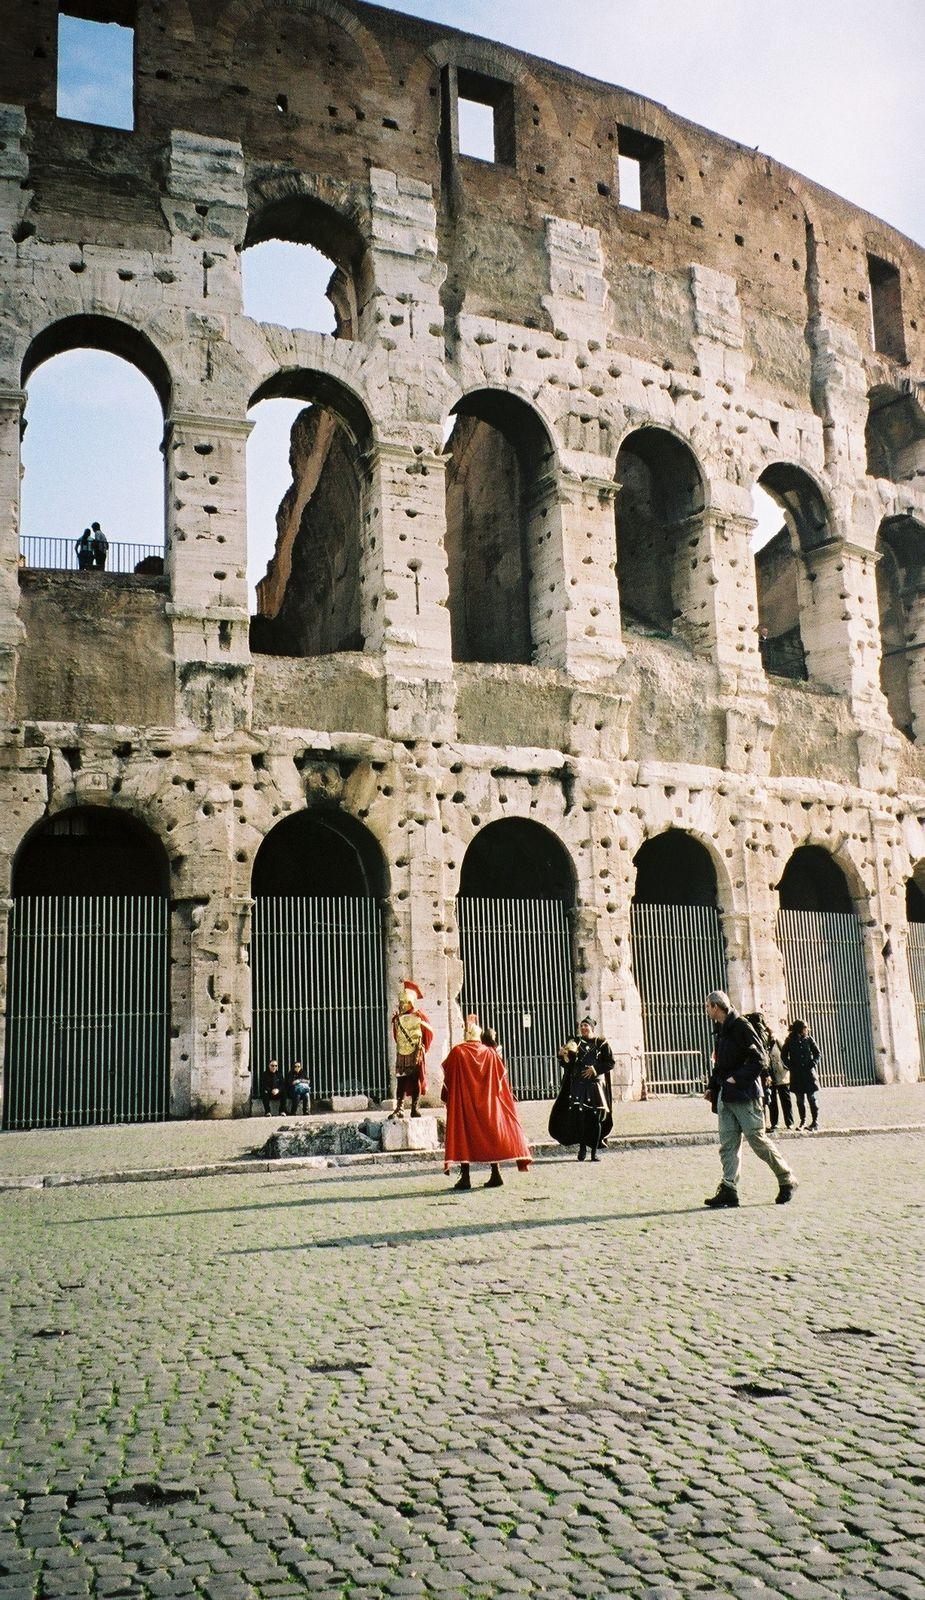 Italie / 1 / Il est 11h41, nous sommes le 18 Novembre 2020